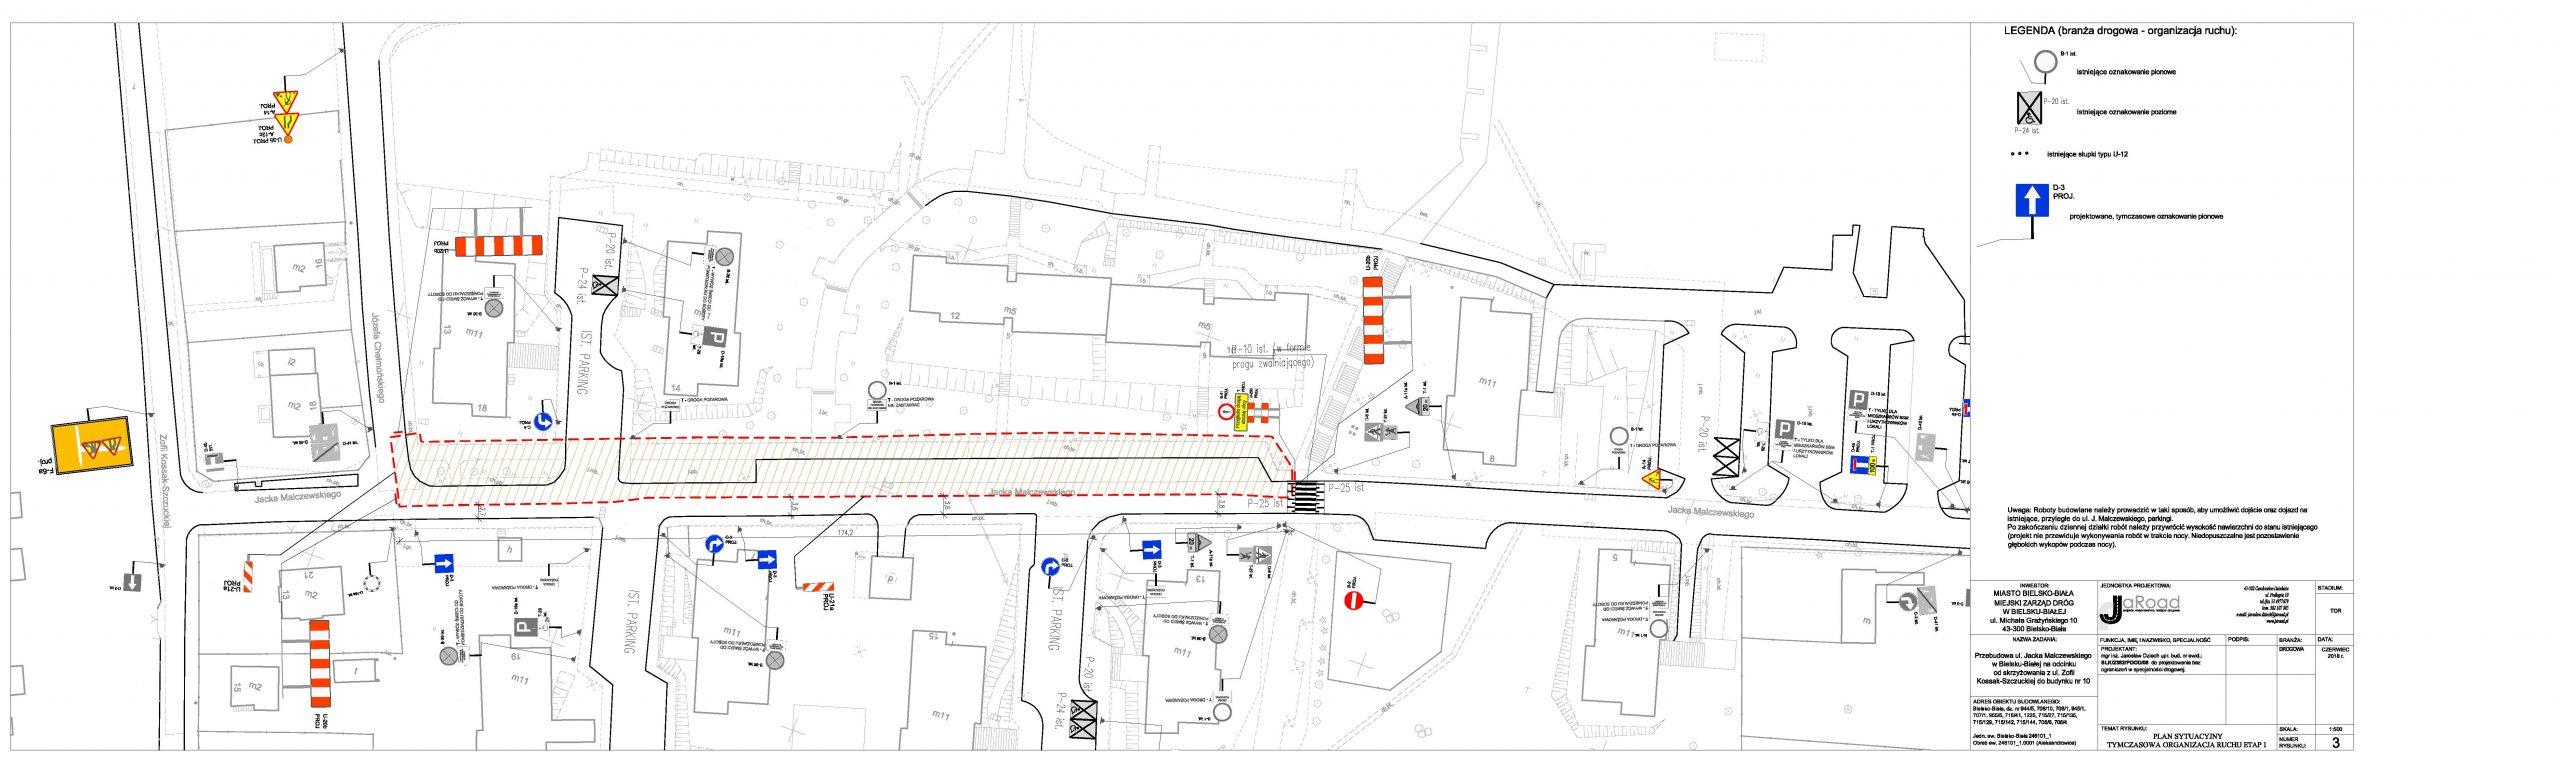 Przebudowa bielskiej ulicy - od 13 maja tymczasowa organizacja ruchu